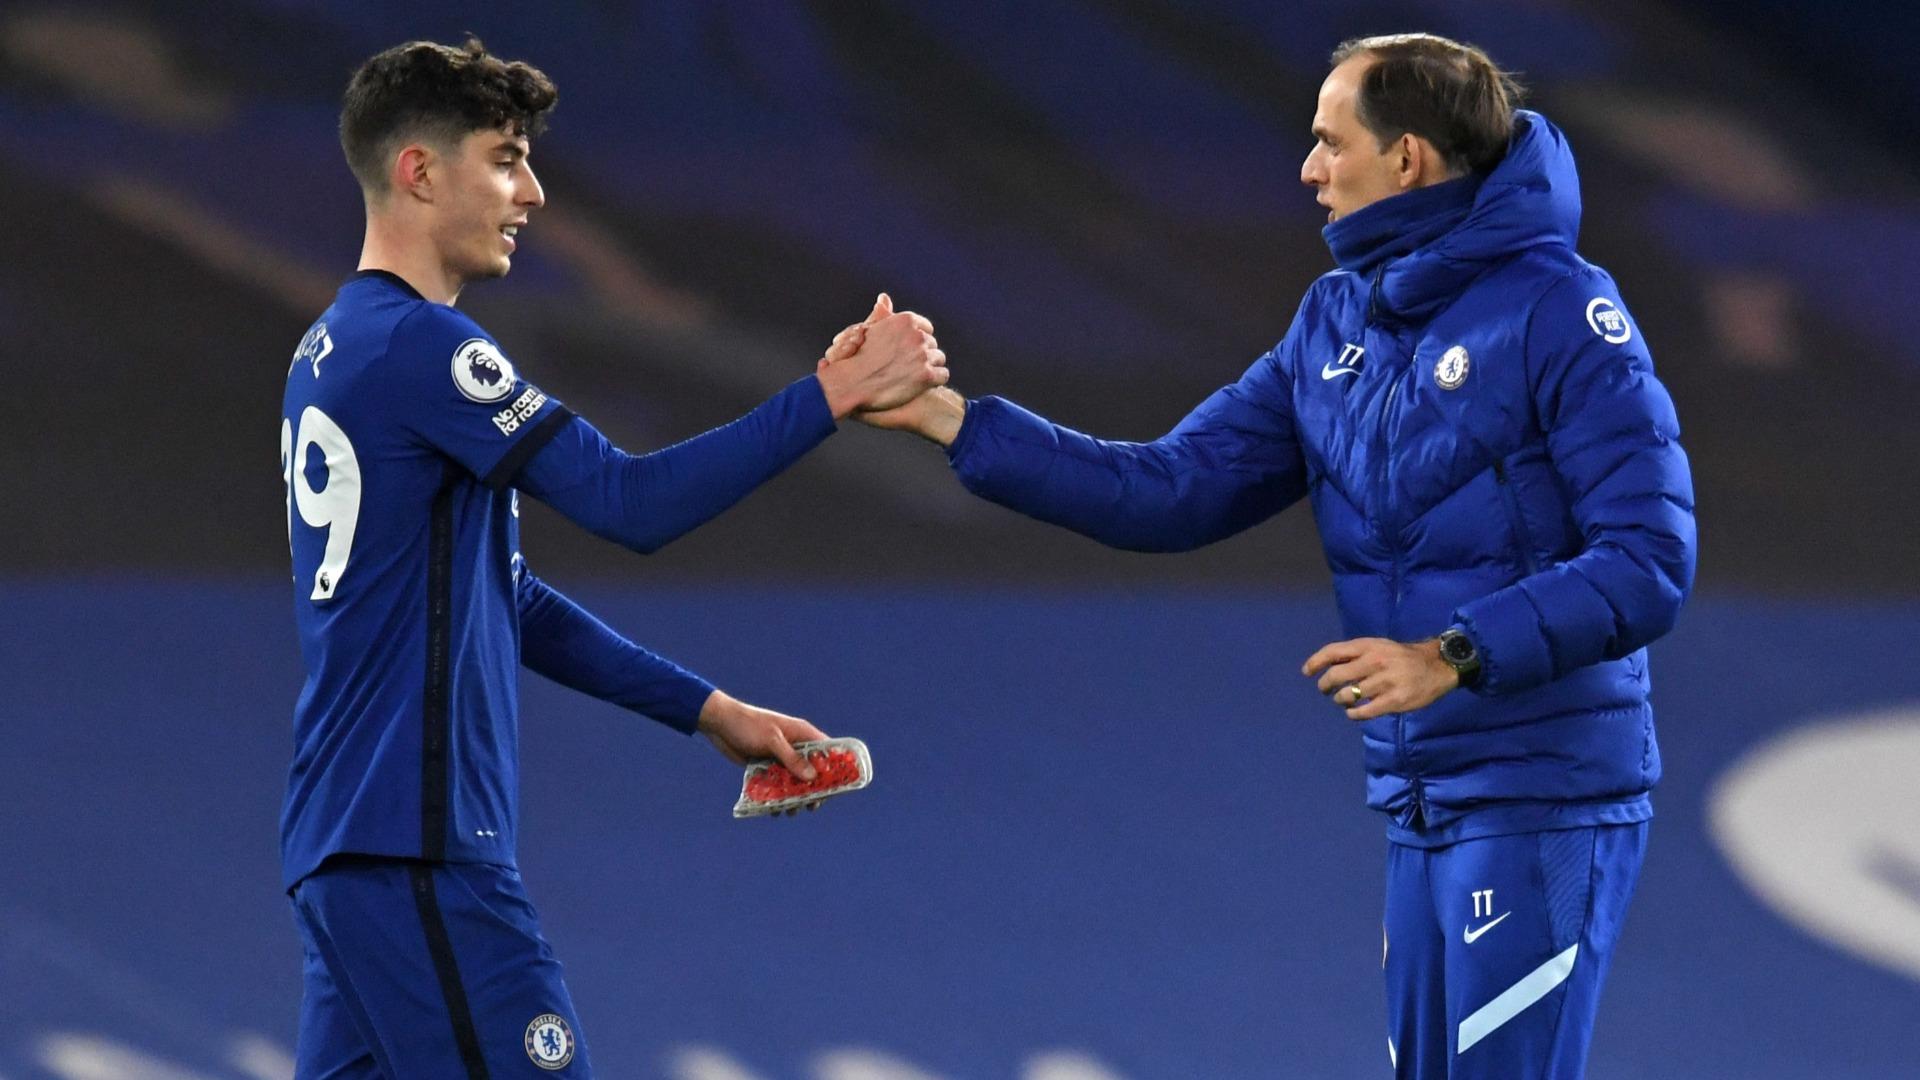 Havertz's 'excellent' display thrills Chelsea boss Tuchel